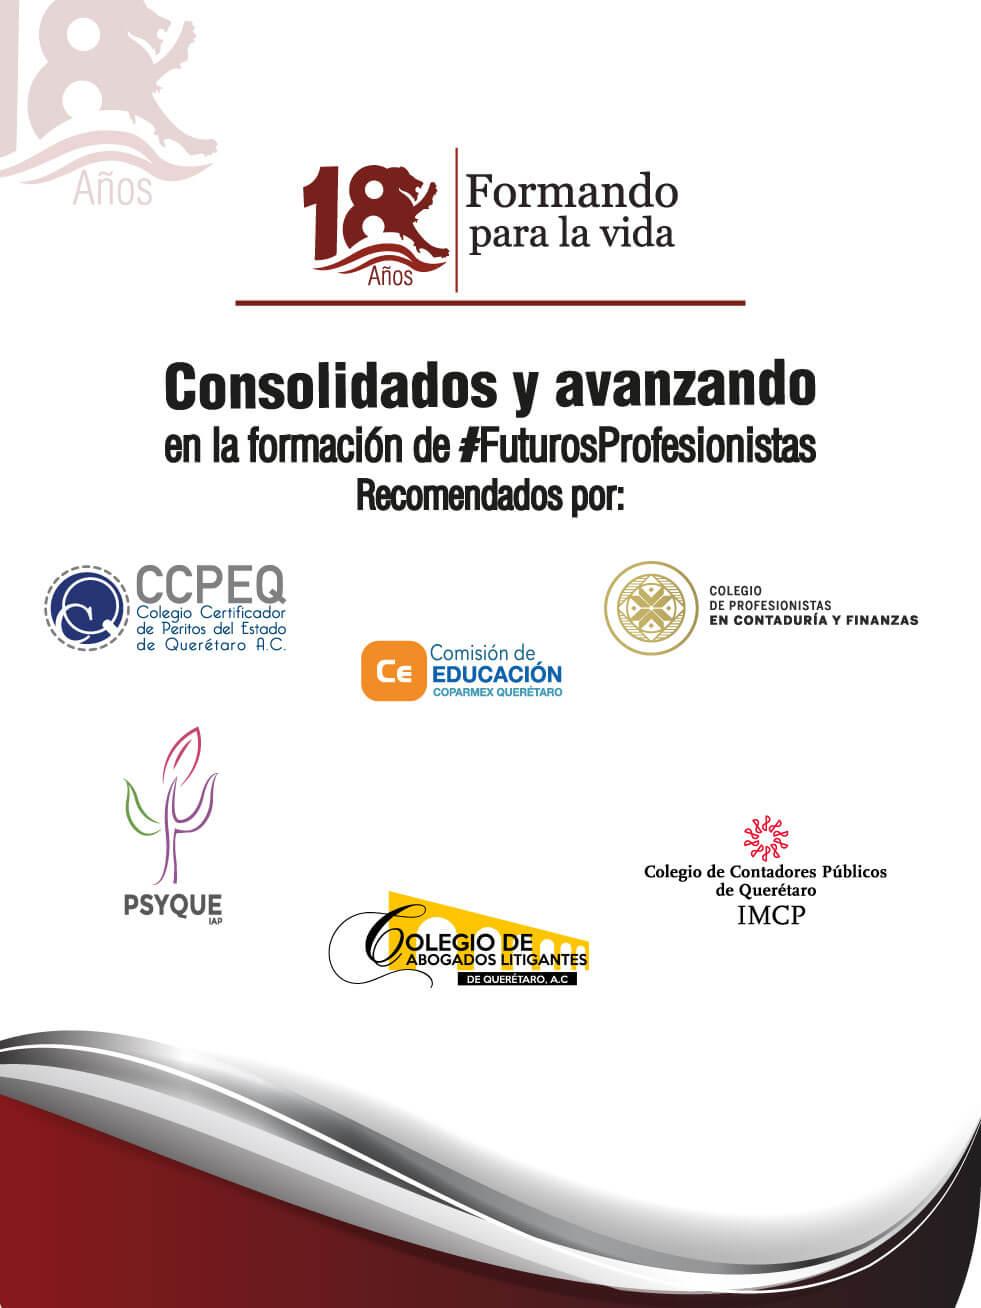 UDL 18° Aniversario - Recomendados por: CCPEQ, Comisión de Educación Qro, Colegio de Profesionistas en Contaduría y Finanzas, Psyque, Colegio de Abogados Litigantes, Colegio de Contadores Públicos de Querétaro, entre otros